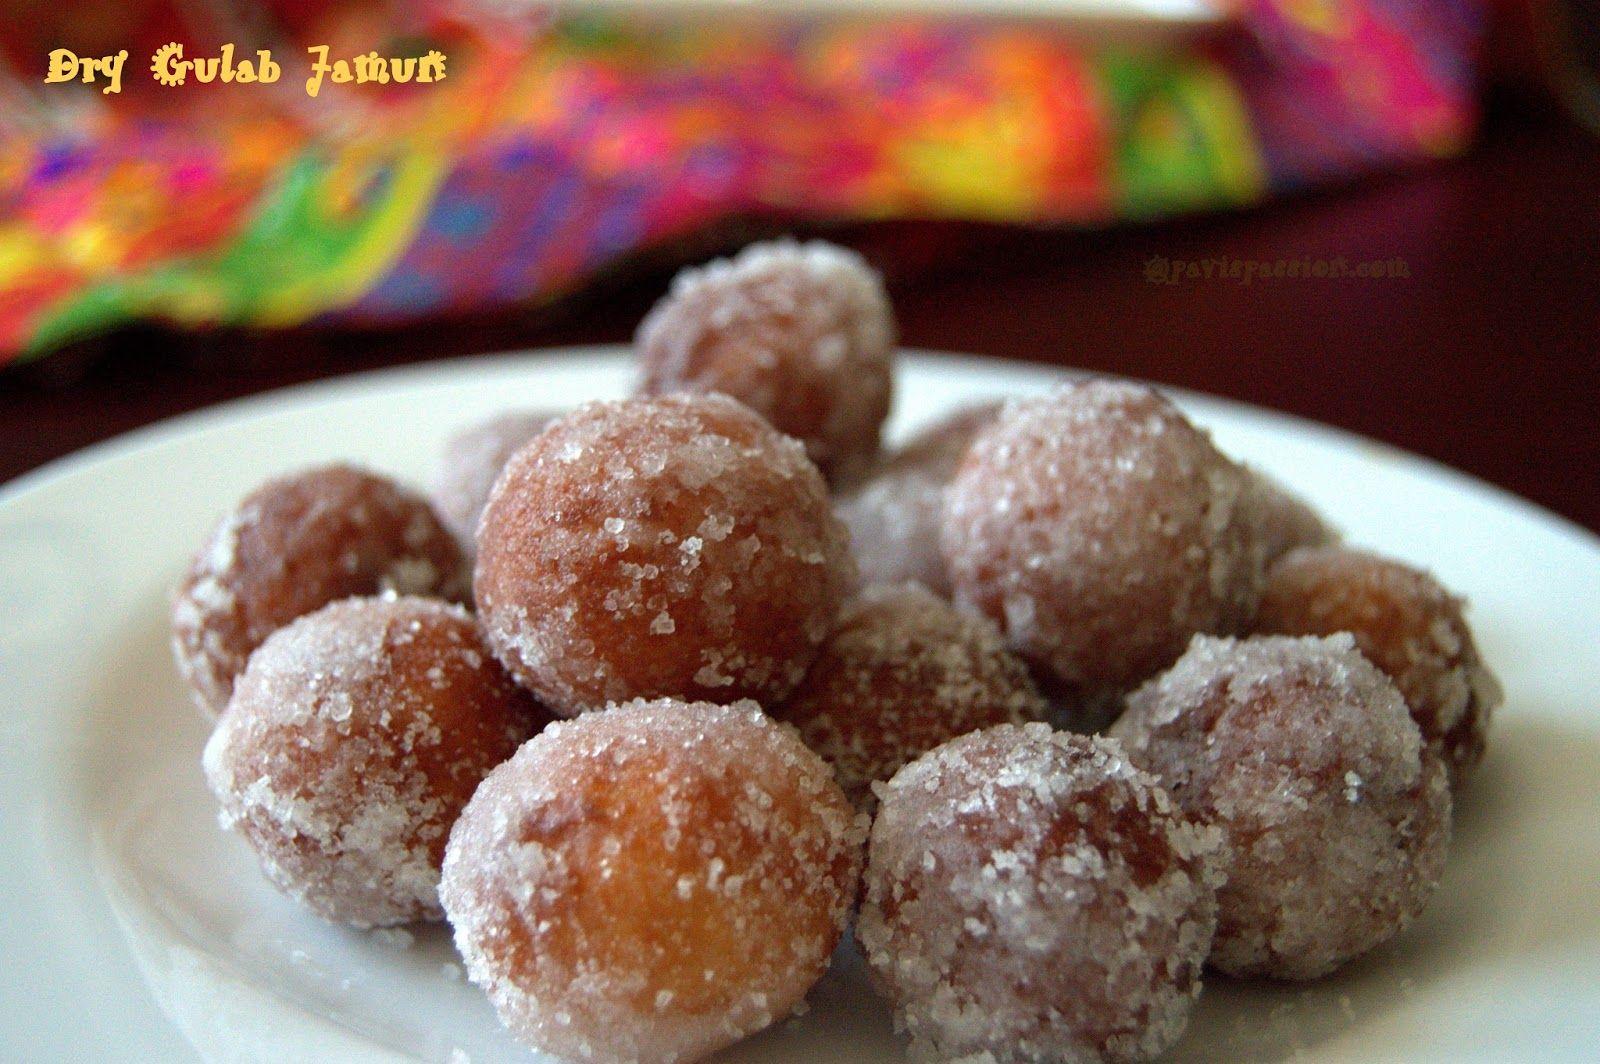 Dry Jamun Dry Gulab Jamun Recipe Jamun Recipe Gulab Jamun Recipe Indian Dessert Recipes